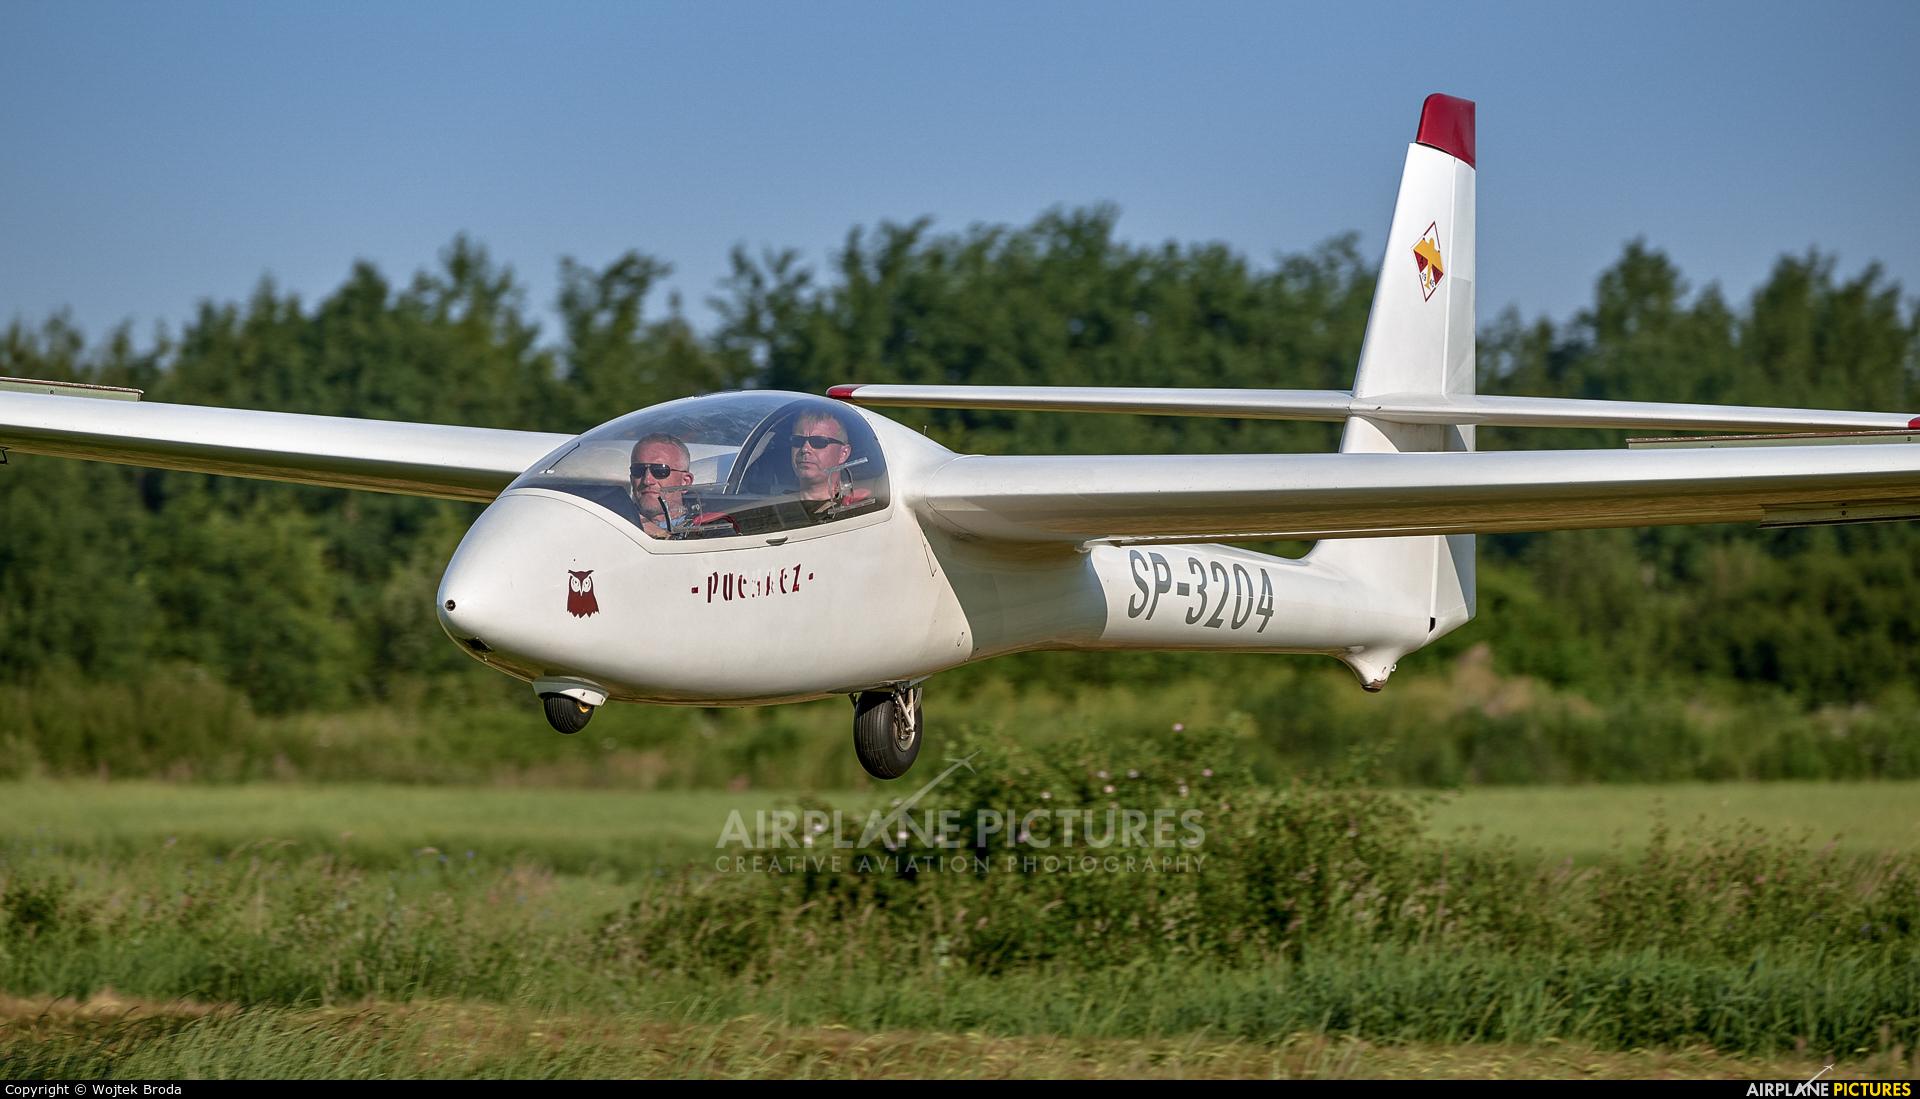 Aeroklub Wroclawski SP-3204 aircraft at Wrocław - Szymanów